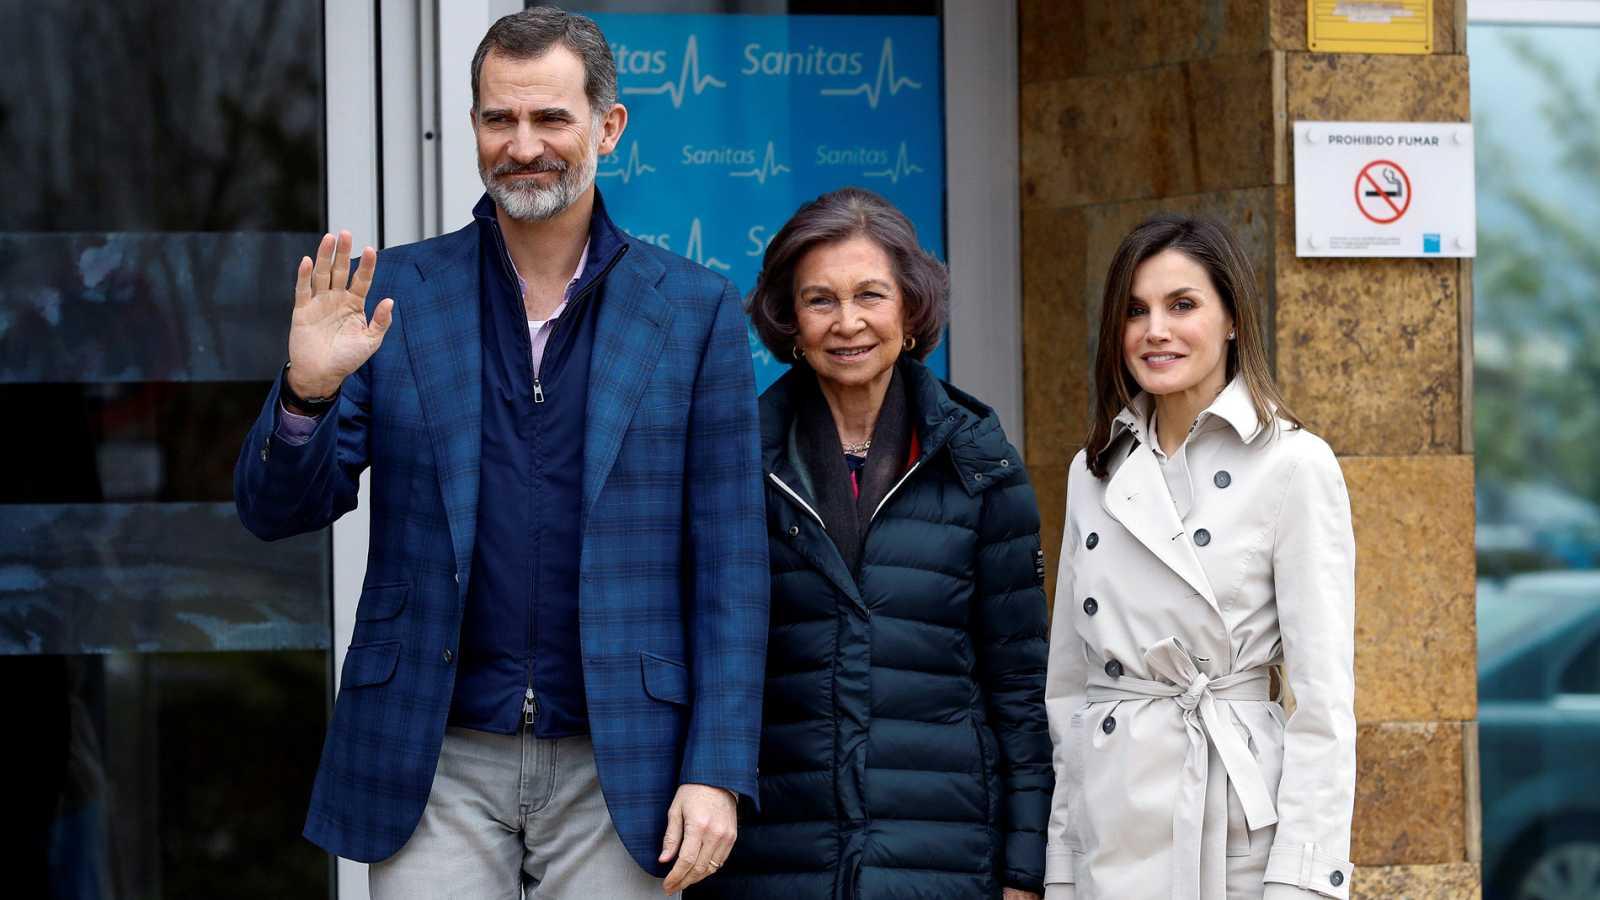 El rey Juan Carlos es operado con éxito para sustituirle la prótesis artificial